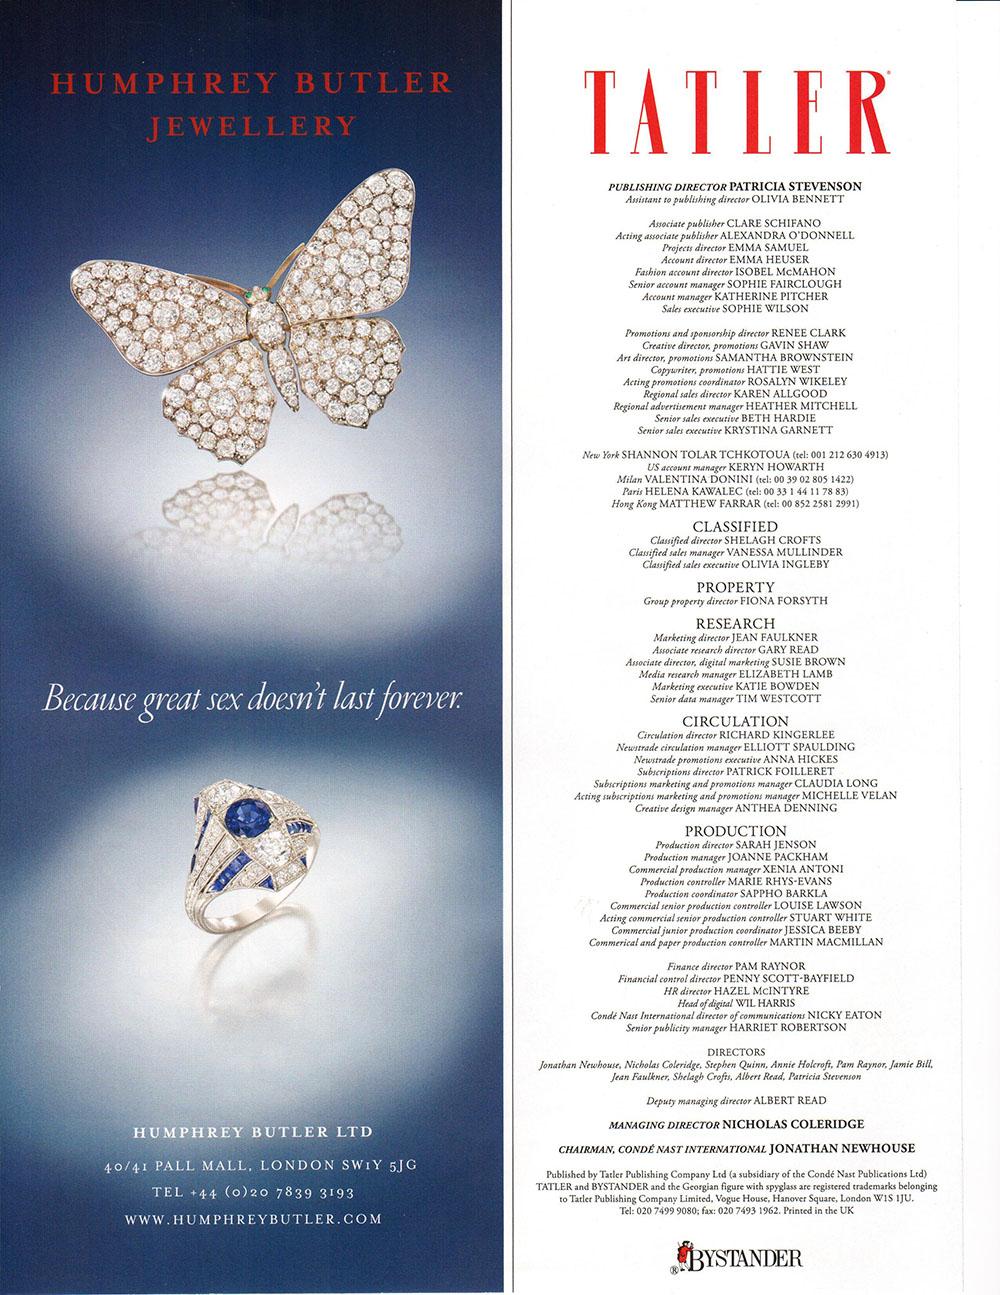 Tatler Oct 2014 ad.jpg